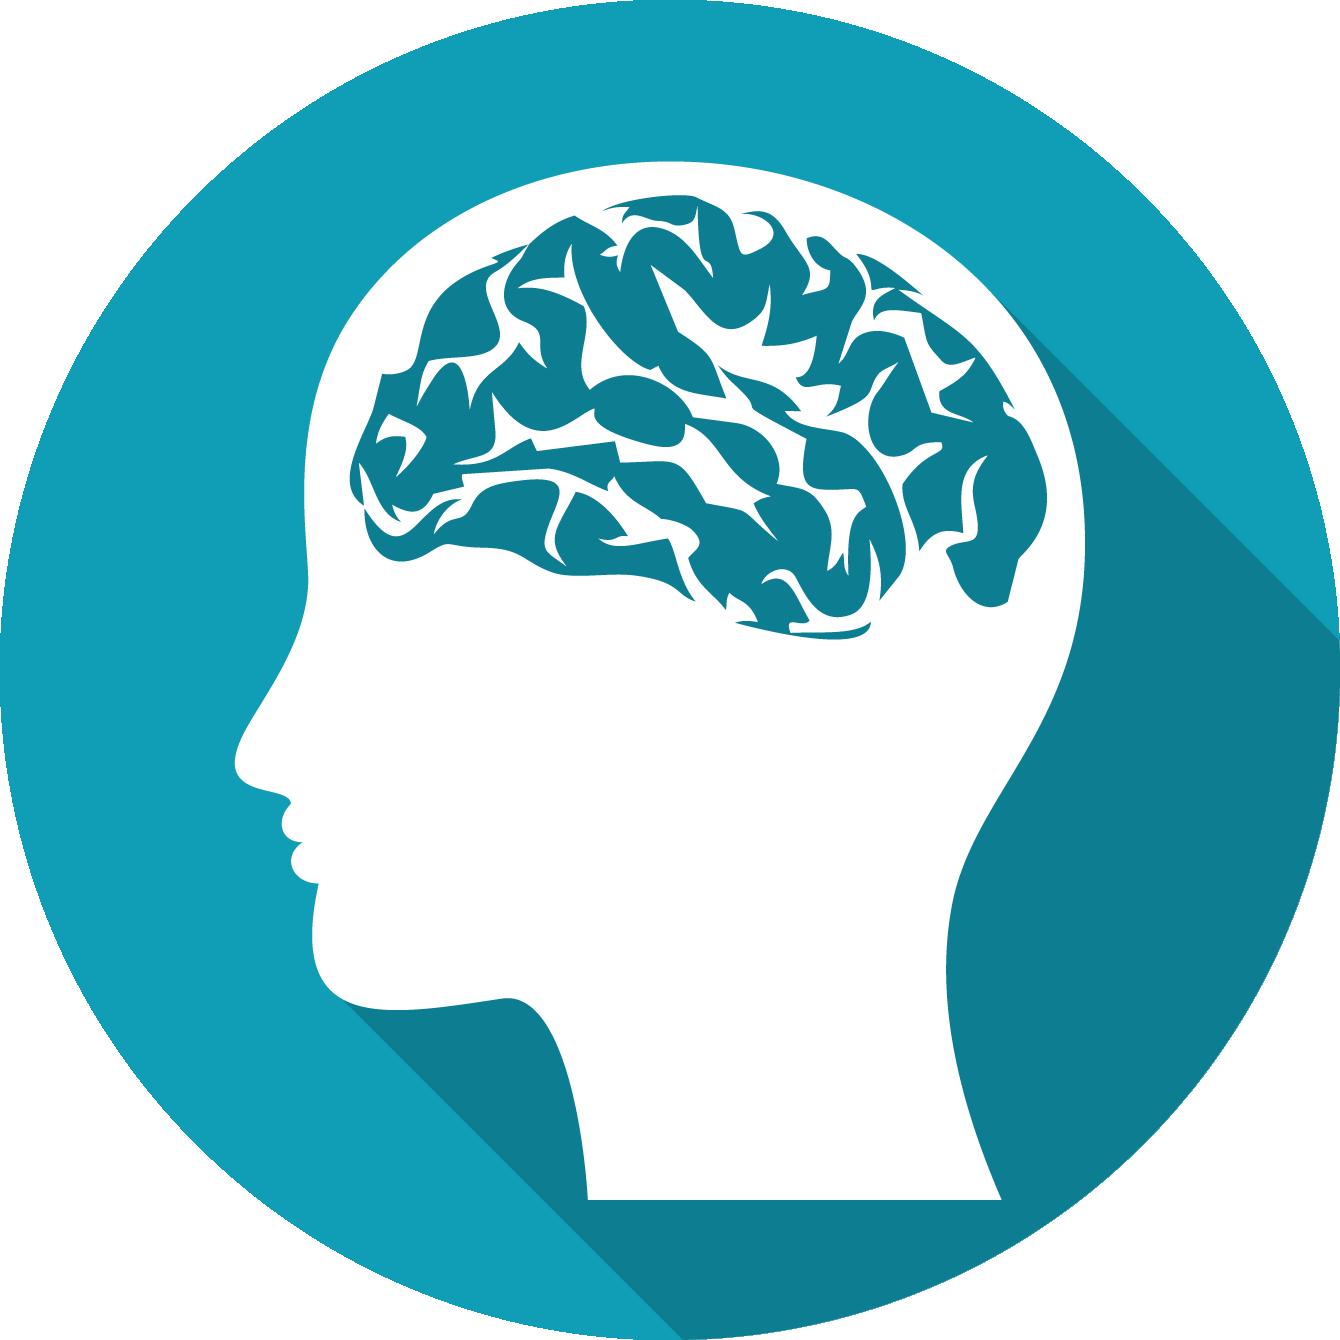 Hoofd-hersenen-toepassingen